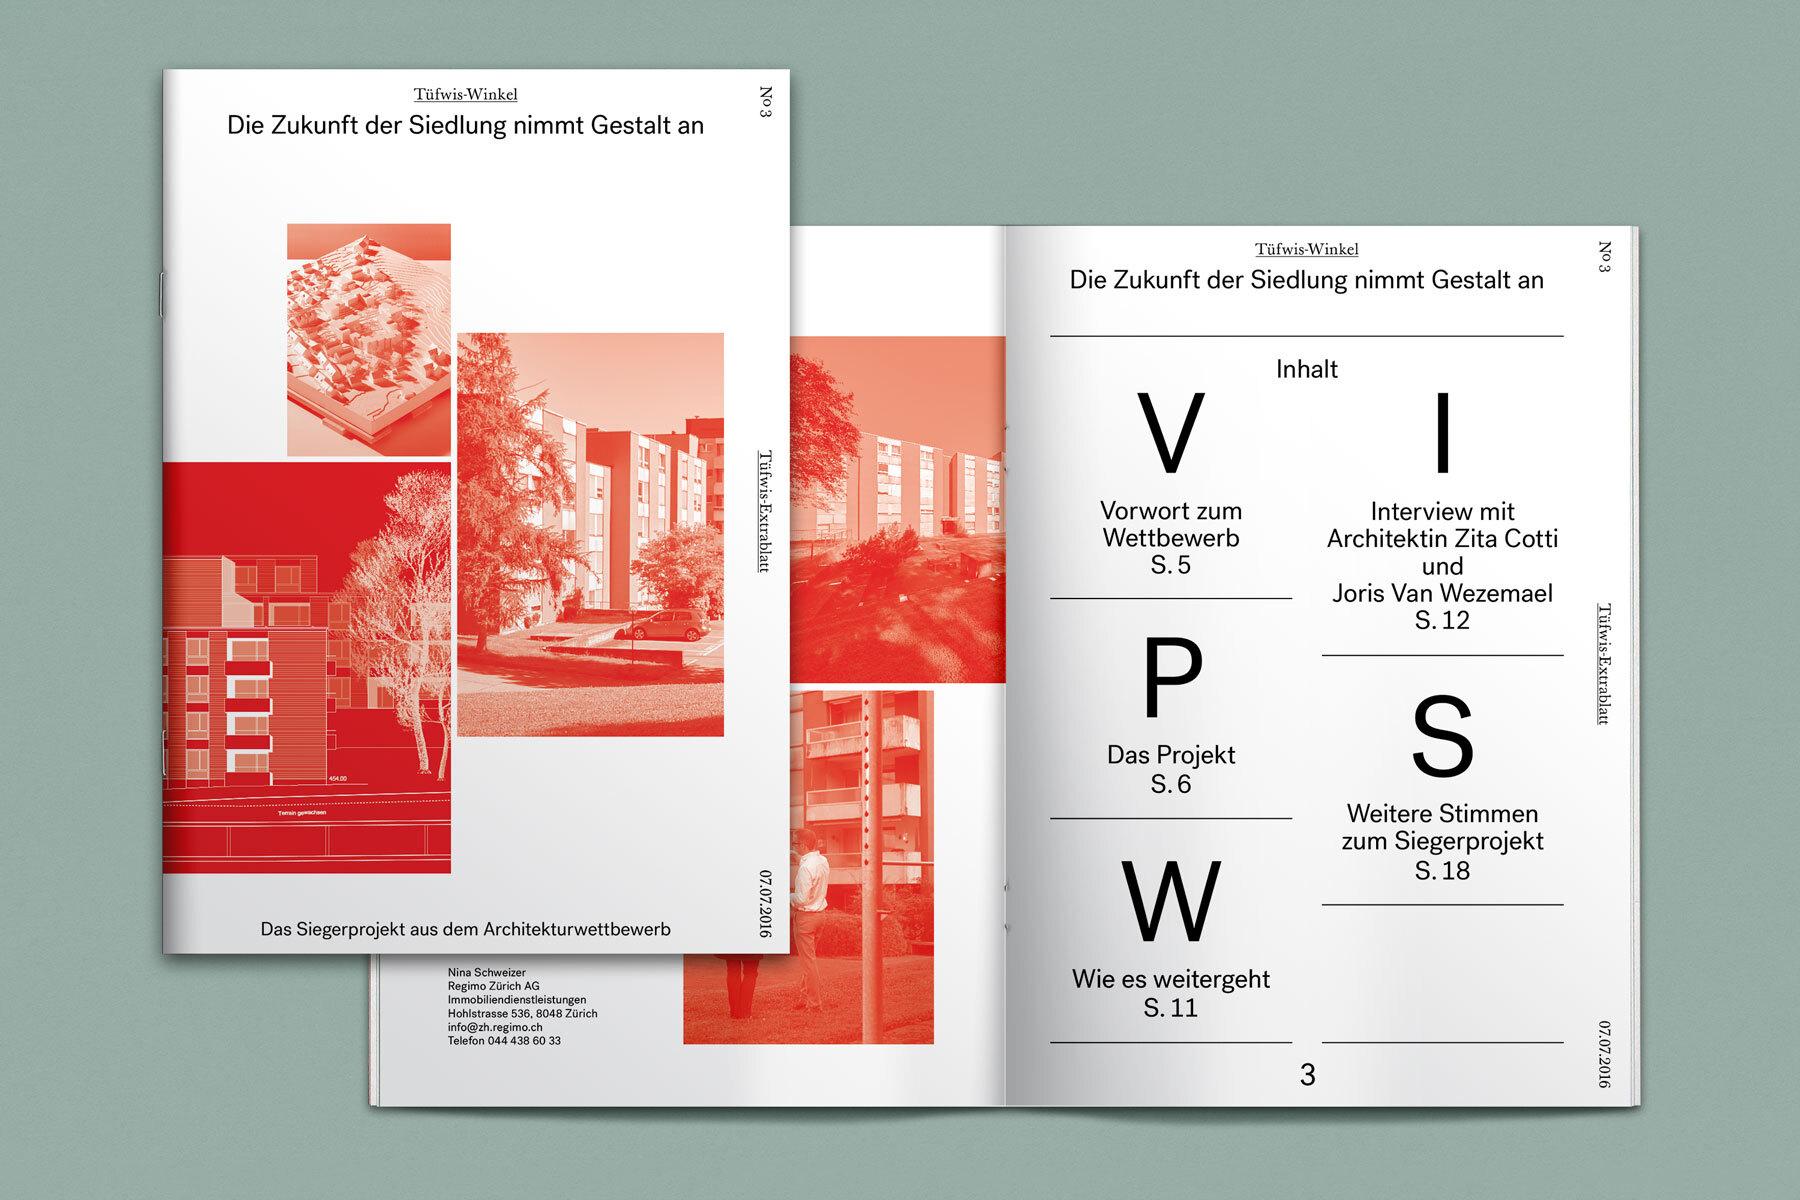 Schweizer Grafik Tüfwis-Winkel